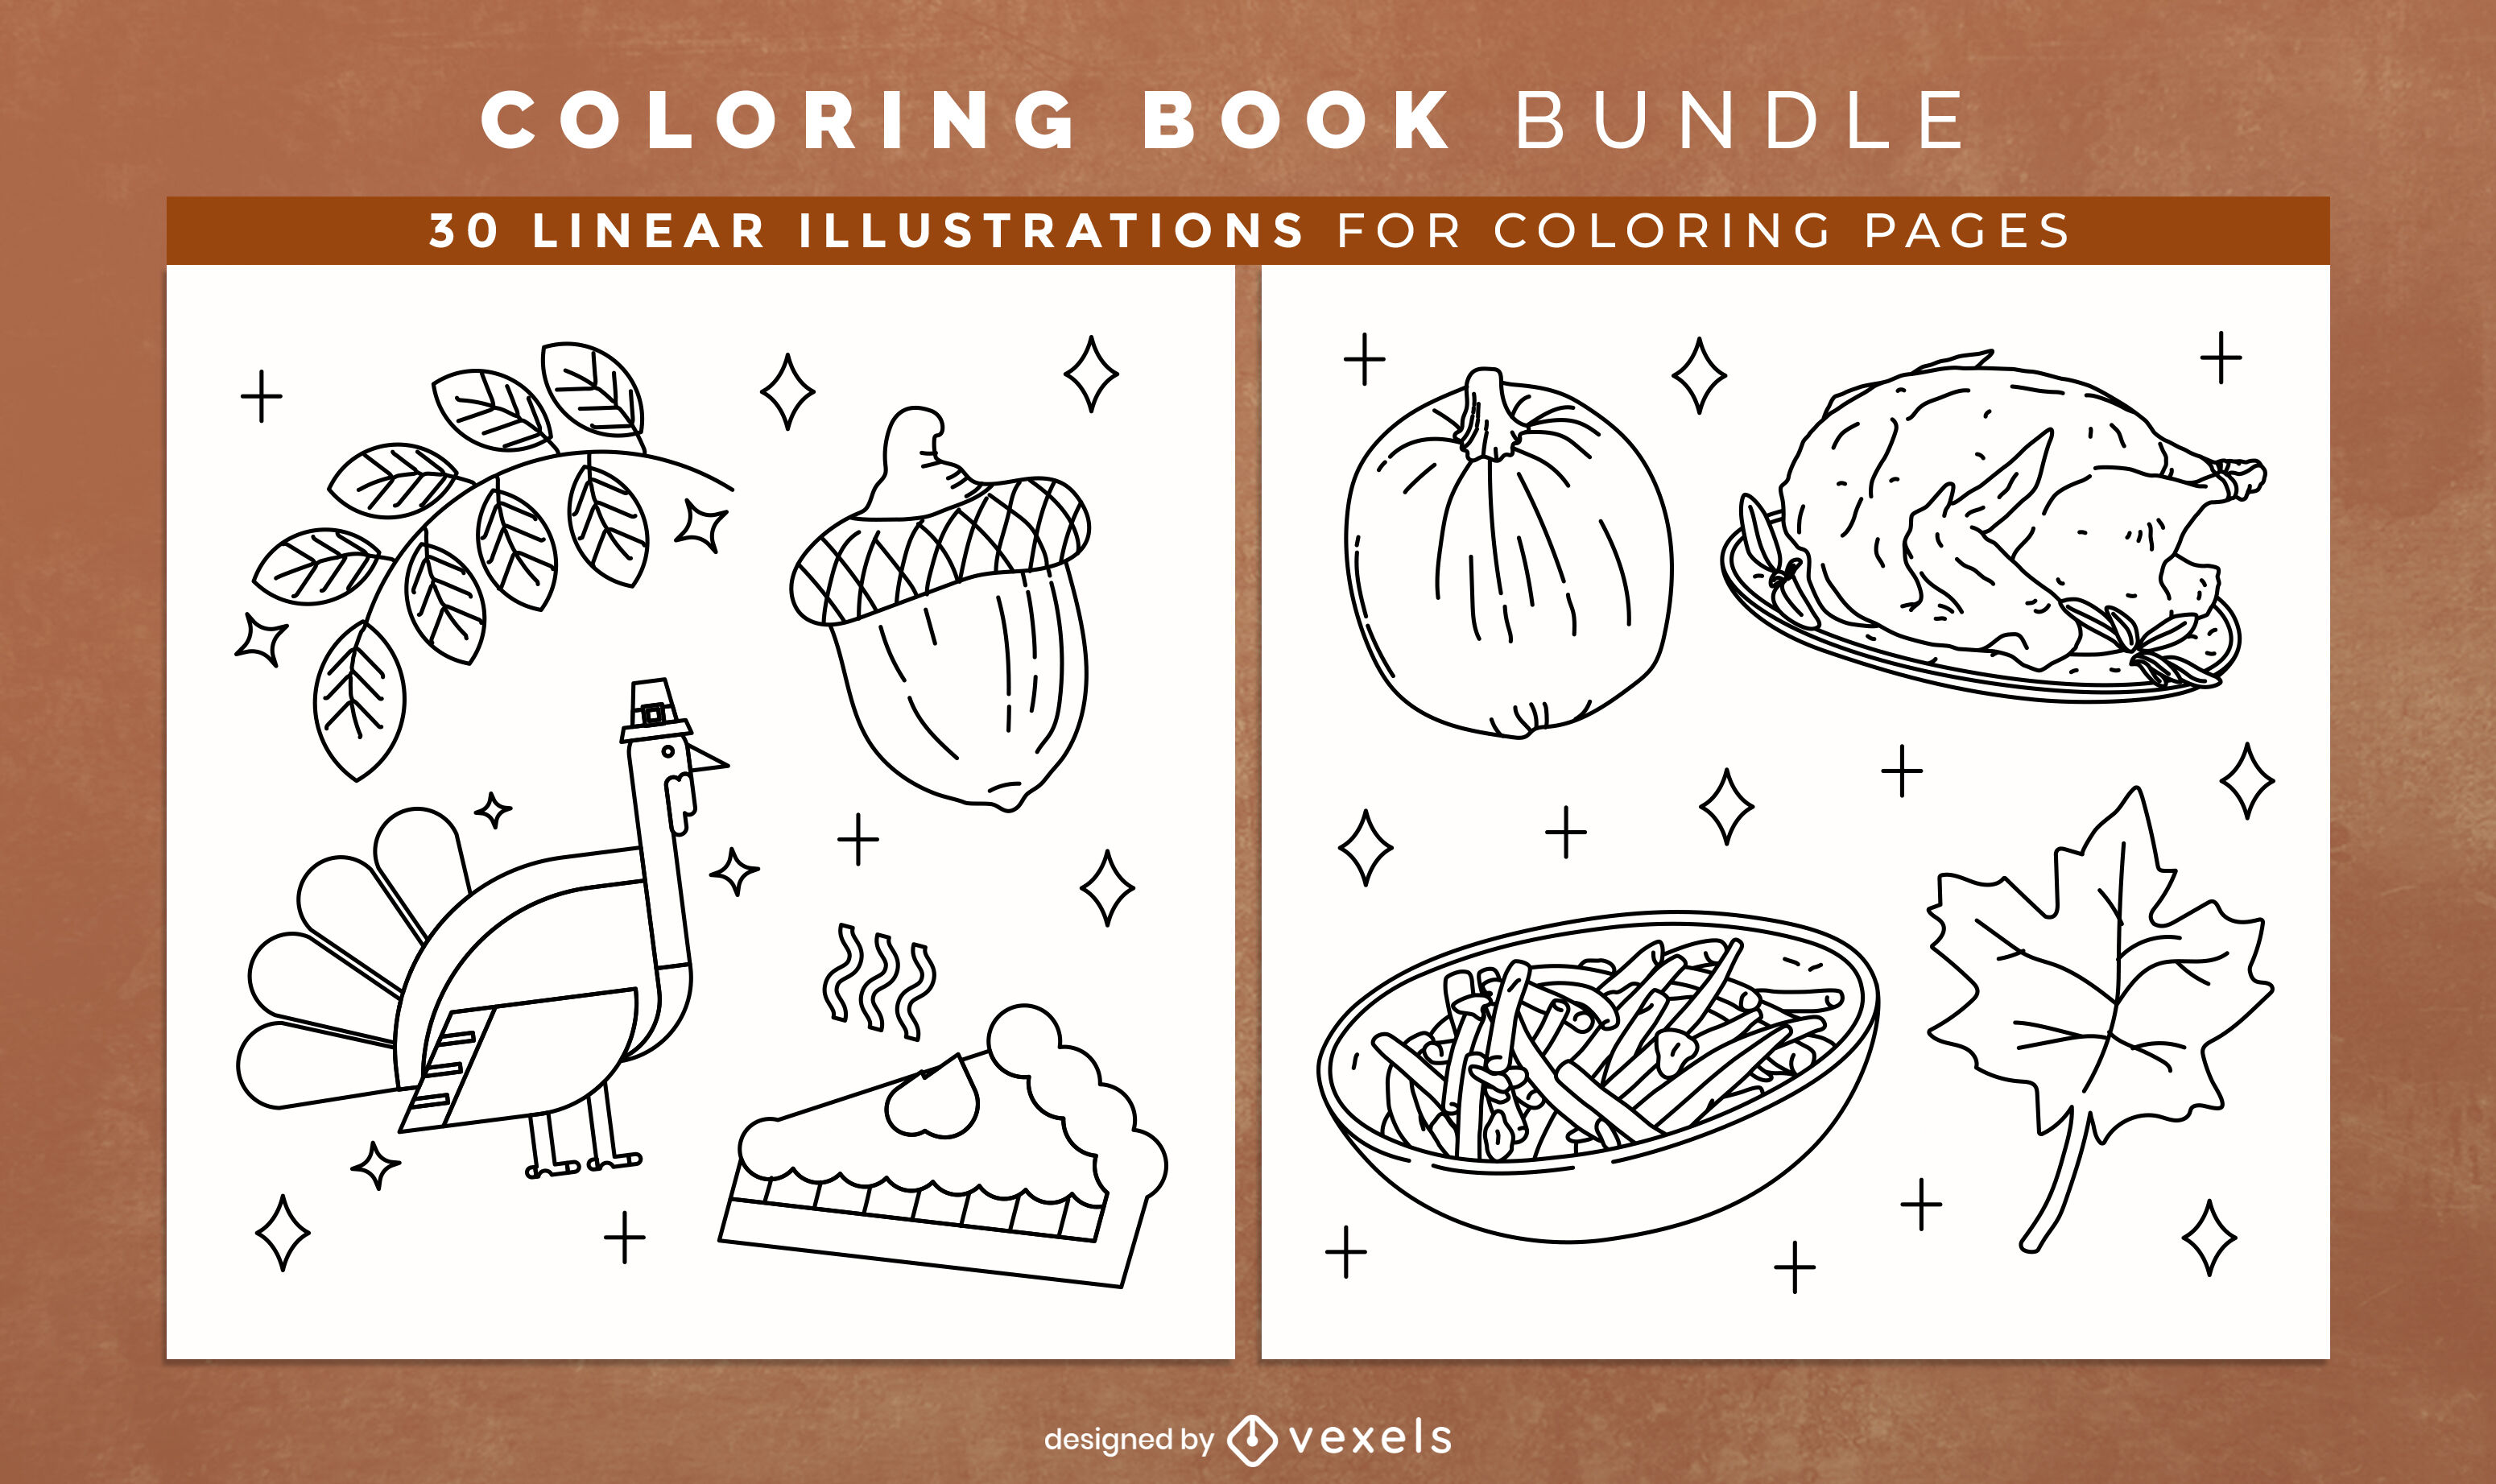 Páginas de diseño de libro para colorear de acción de gracias